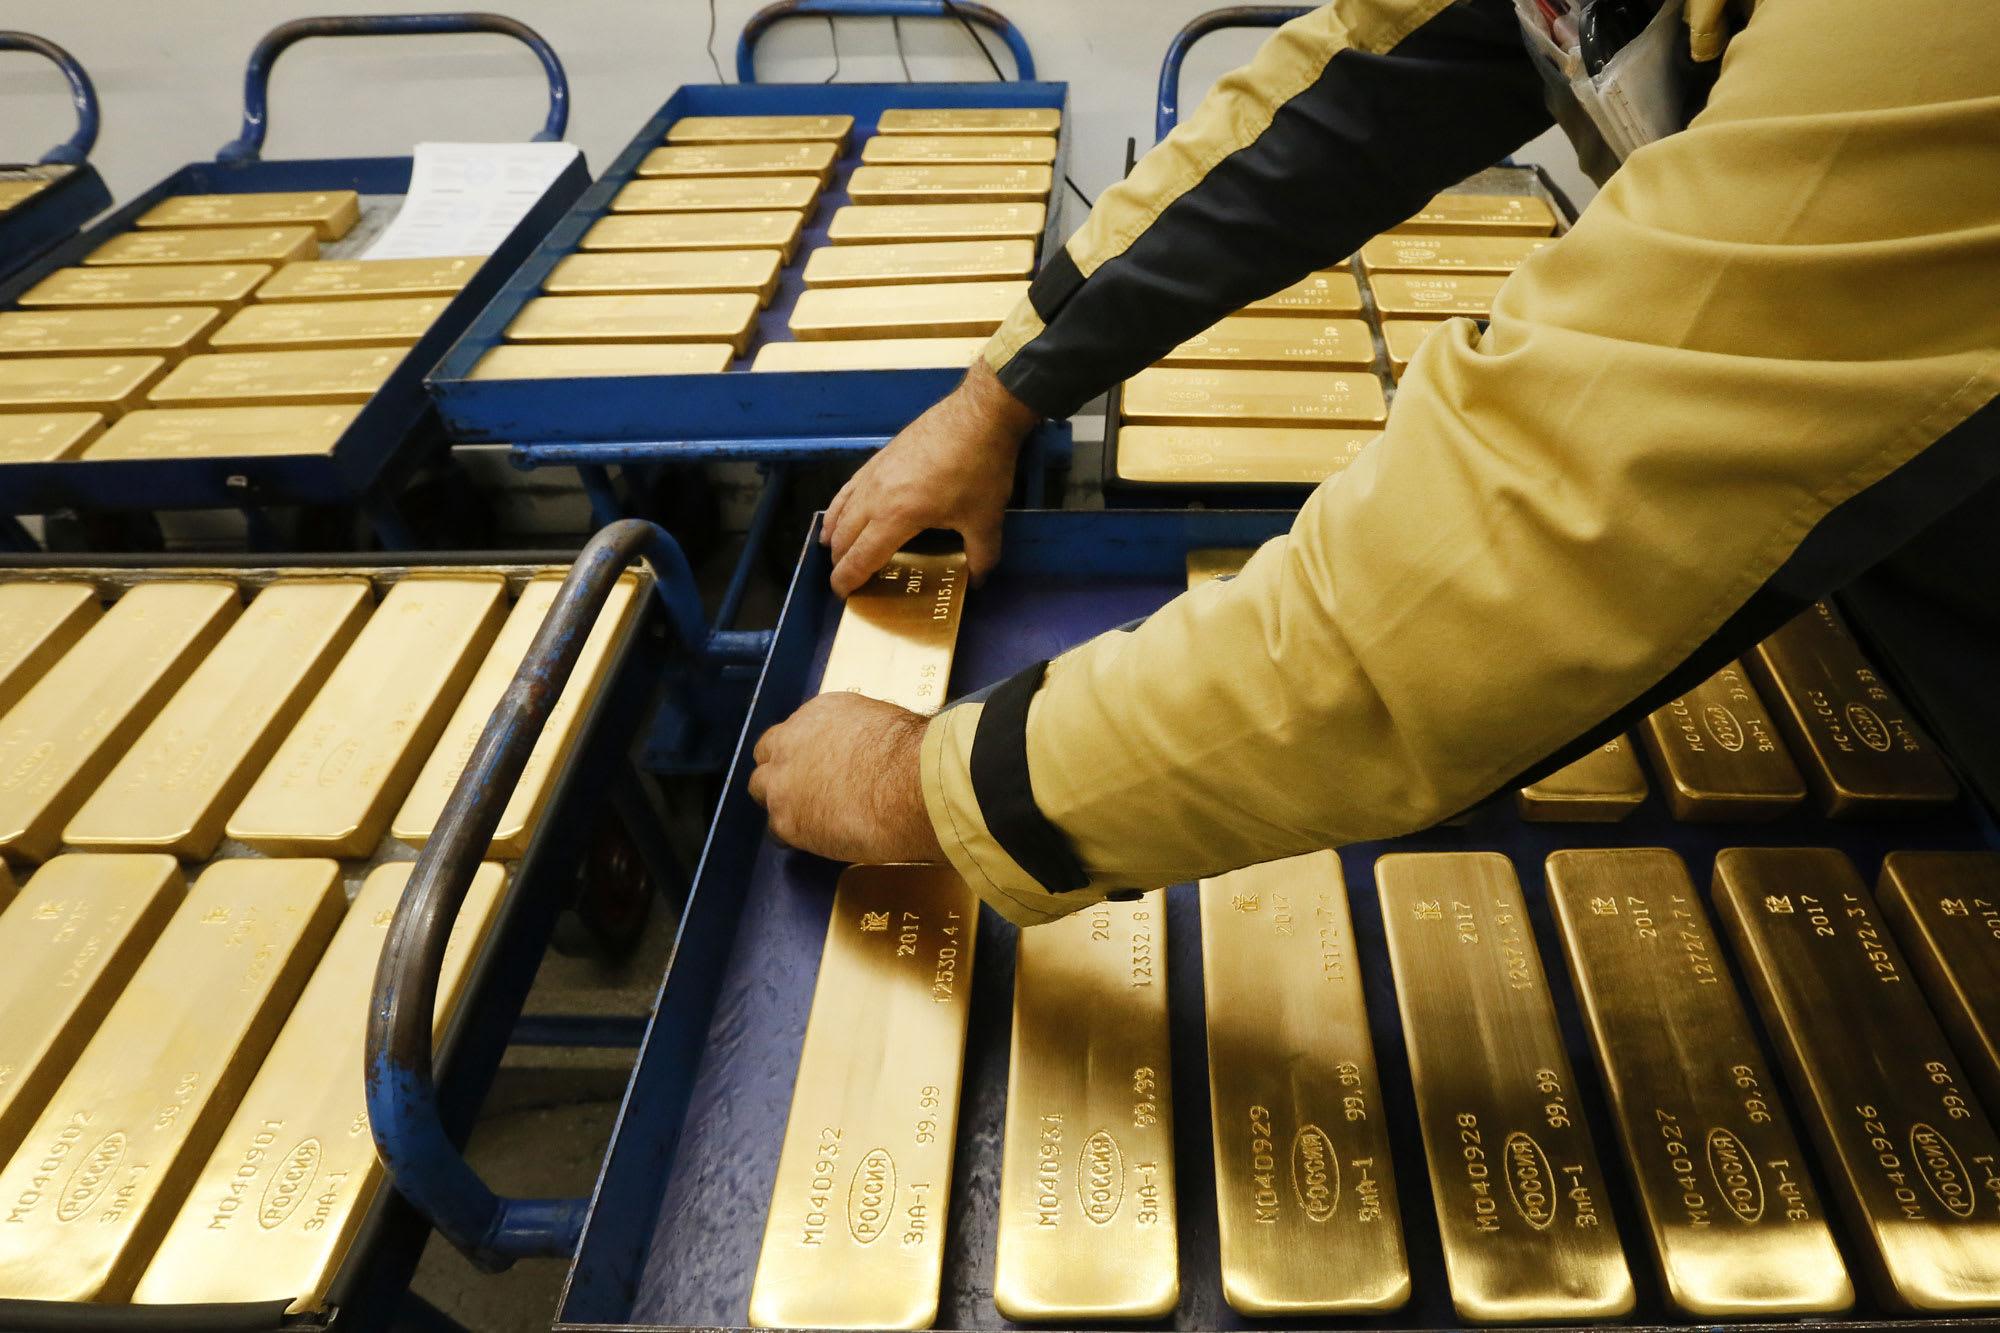 Giá vàng tăng kỉ lục liệu có vực dậy thời hoàn kim ngành khai thác kim loại quí? - Ảnh 1.